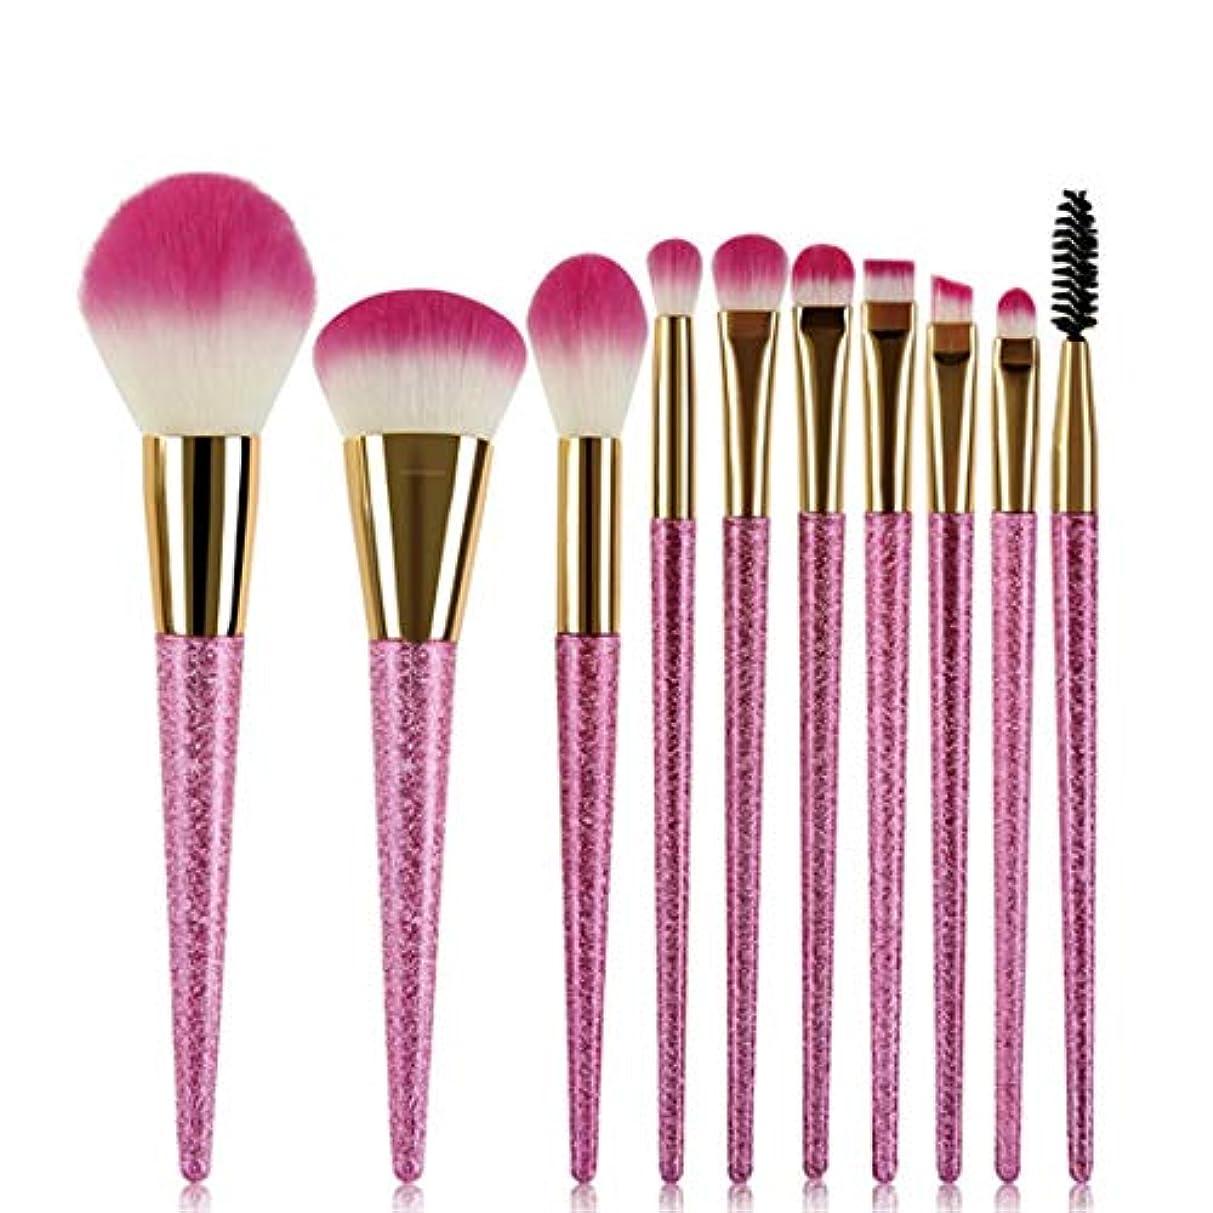 毎日タンパク質因子Makeup brushes アイシャドーブラシのための10PCS曇らされたハンドルの化粧筆ブレンドの基礎(ローズブッシュレッド) suits (Color : Rose Red)